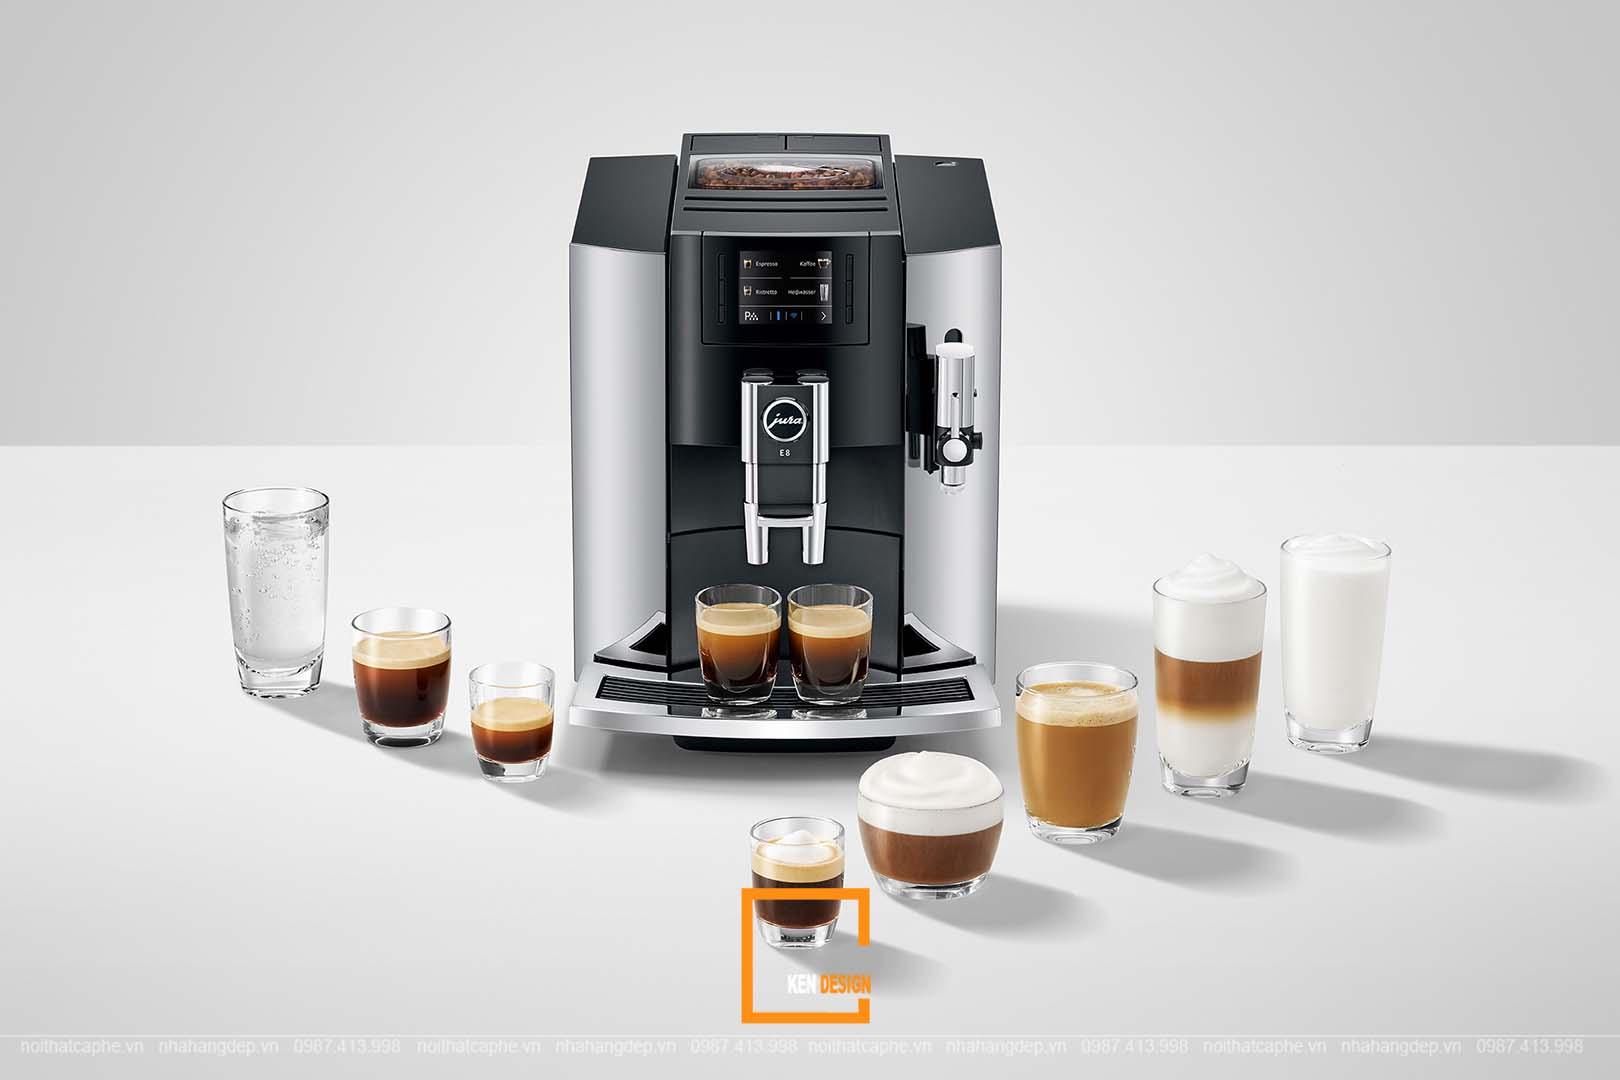 Cùng tìm hiểu về lợi ích và các loại máy pha cà phê thông dụng hiện nay